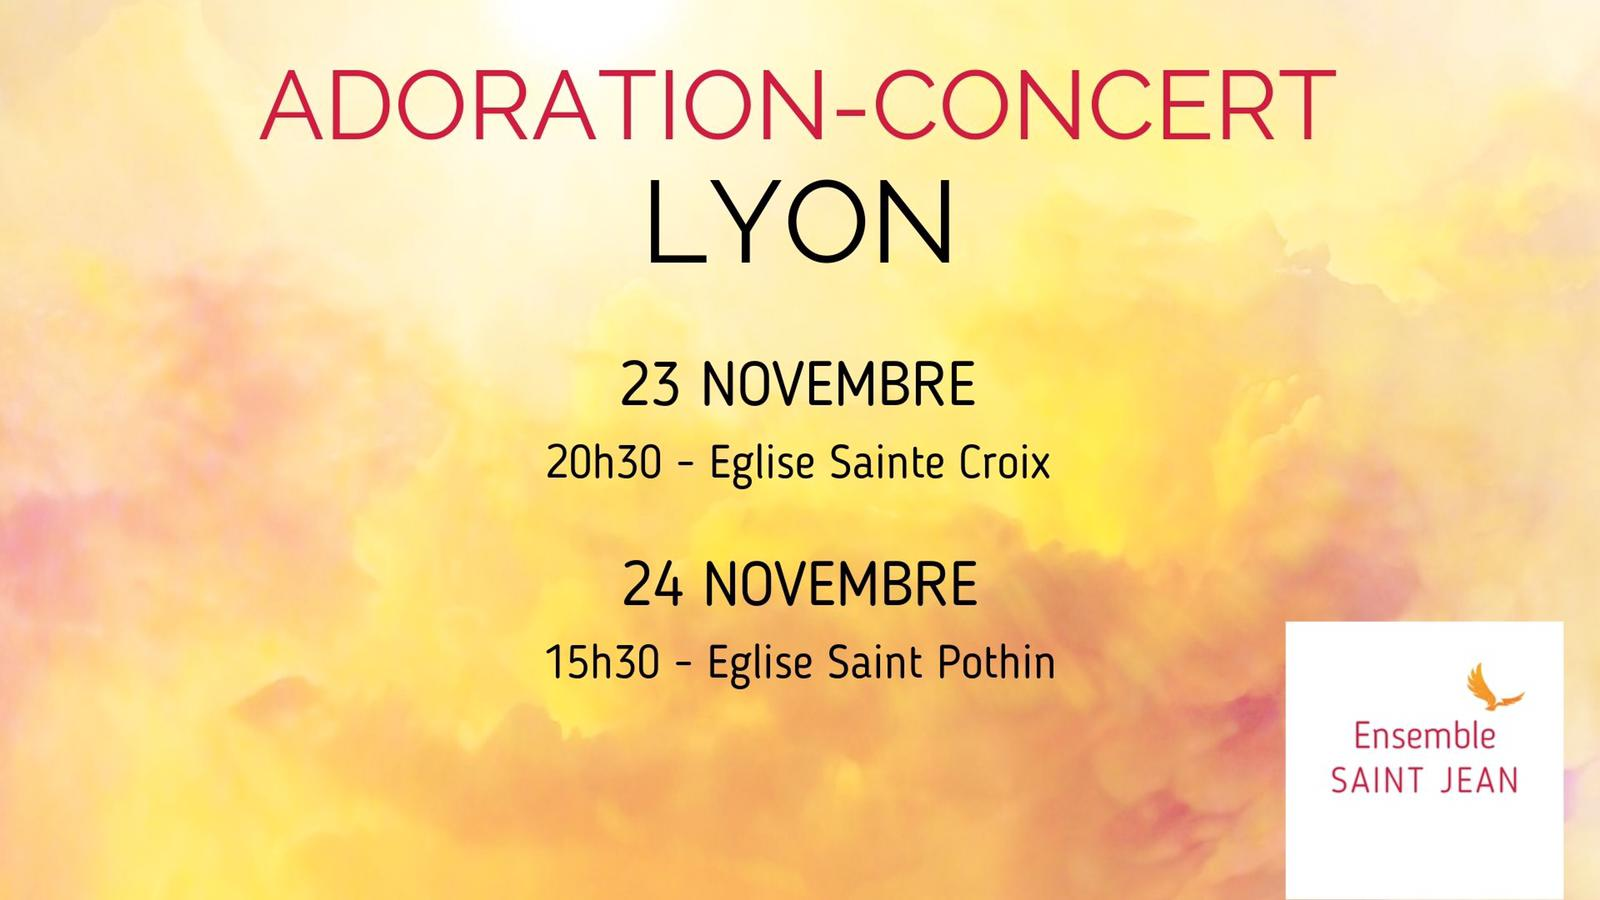 Adoration-Concert de l'Ensemble Saint Jean – 23 & 24 novembre 2019 à Lyon (69)